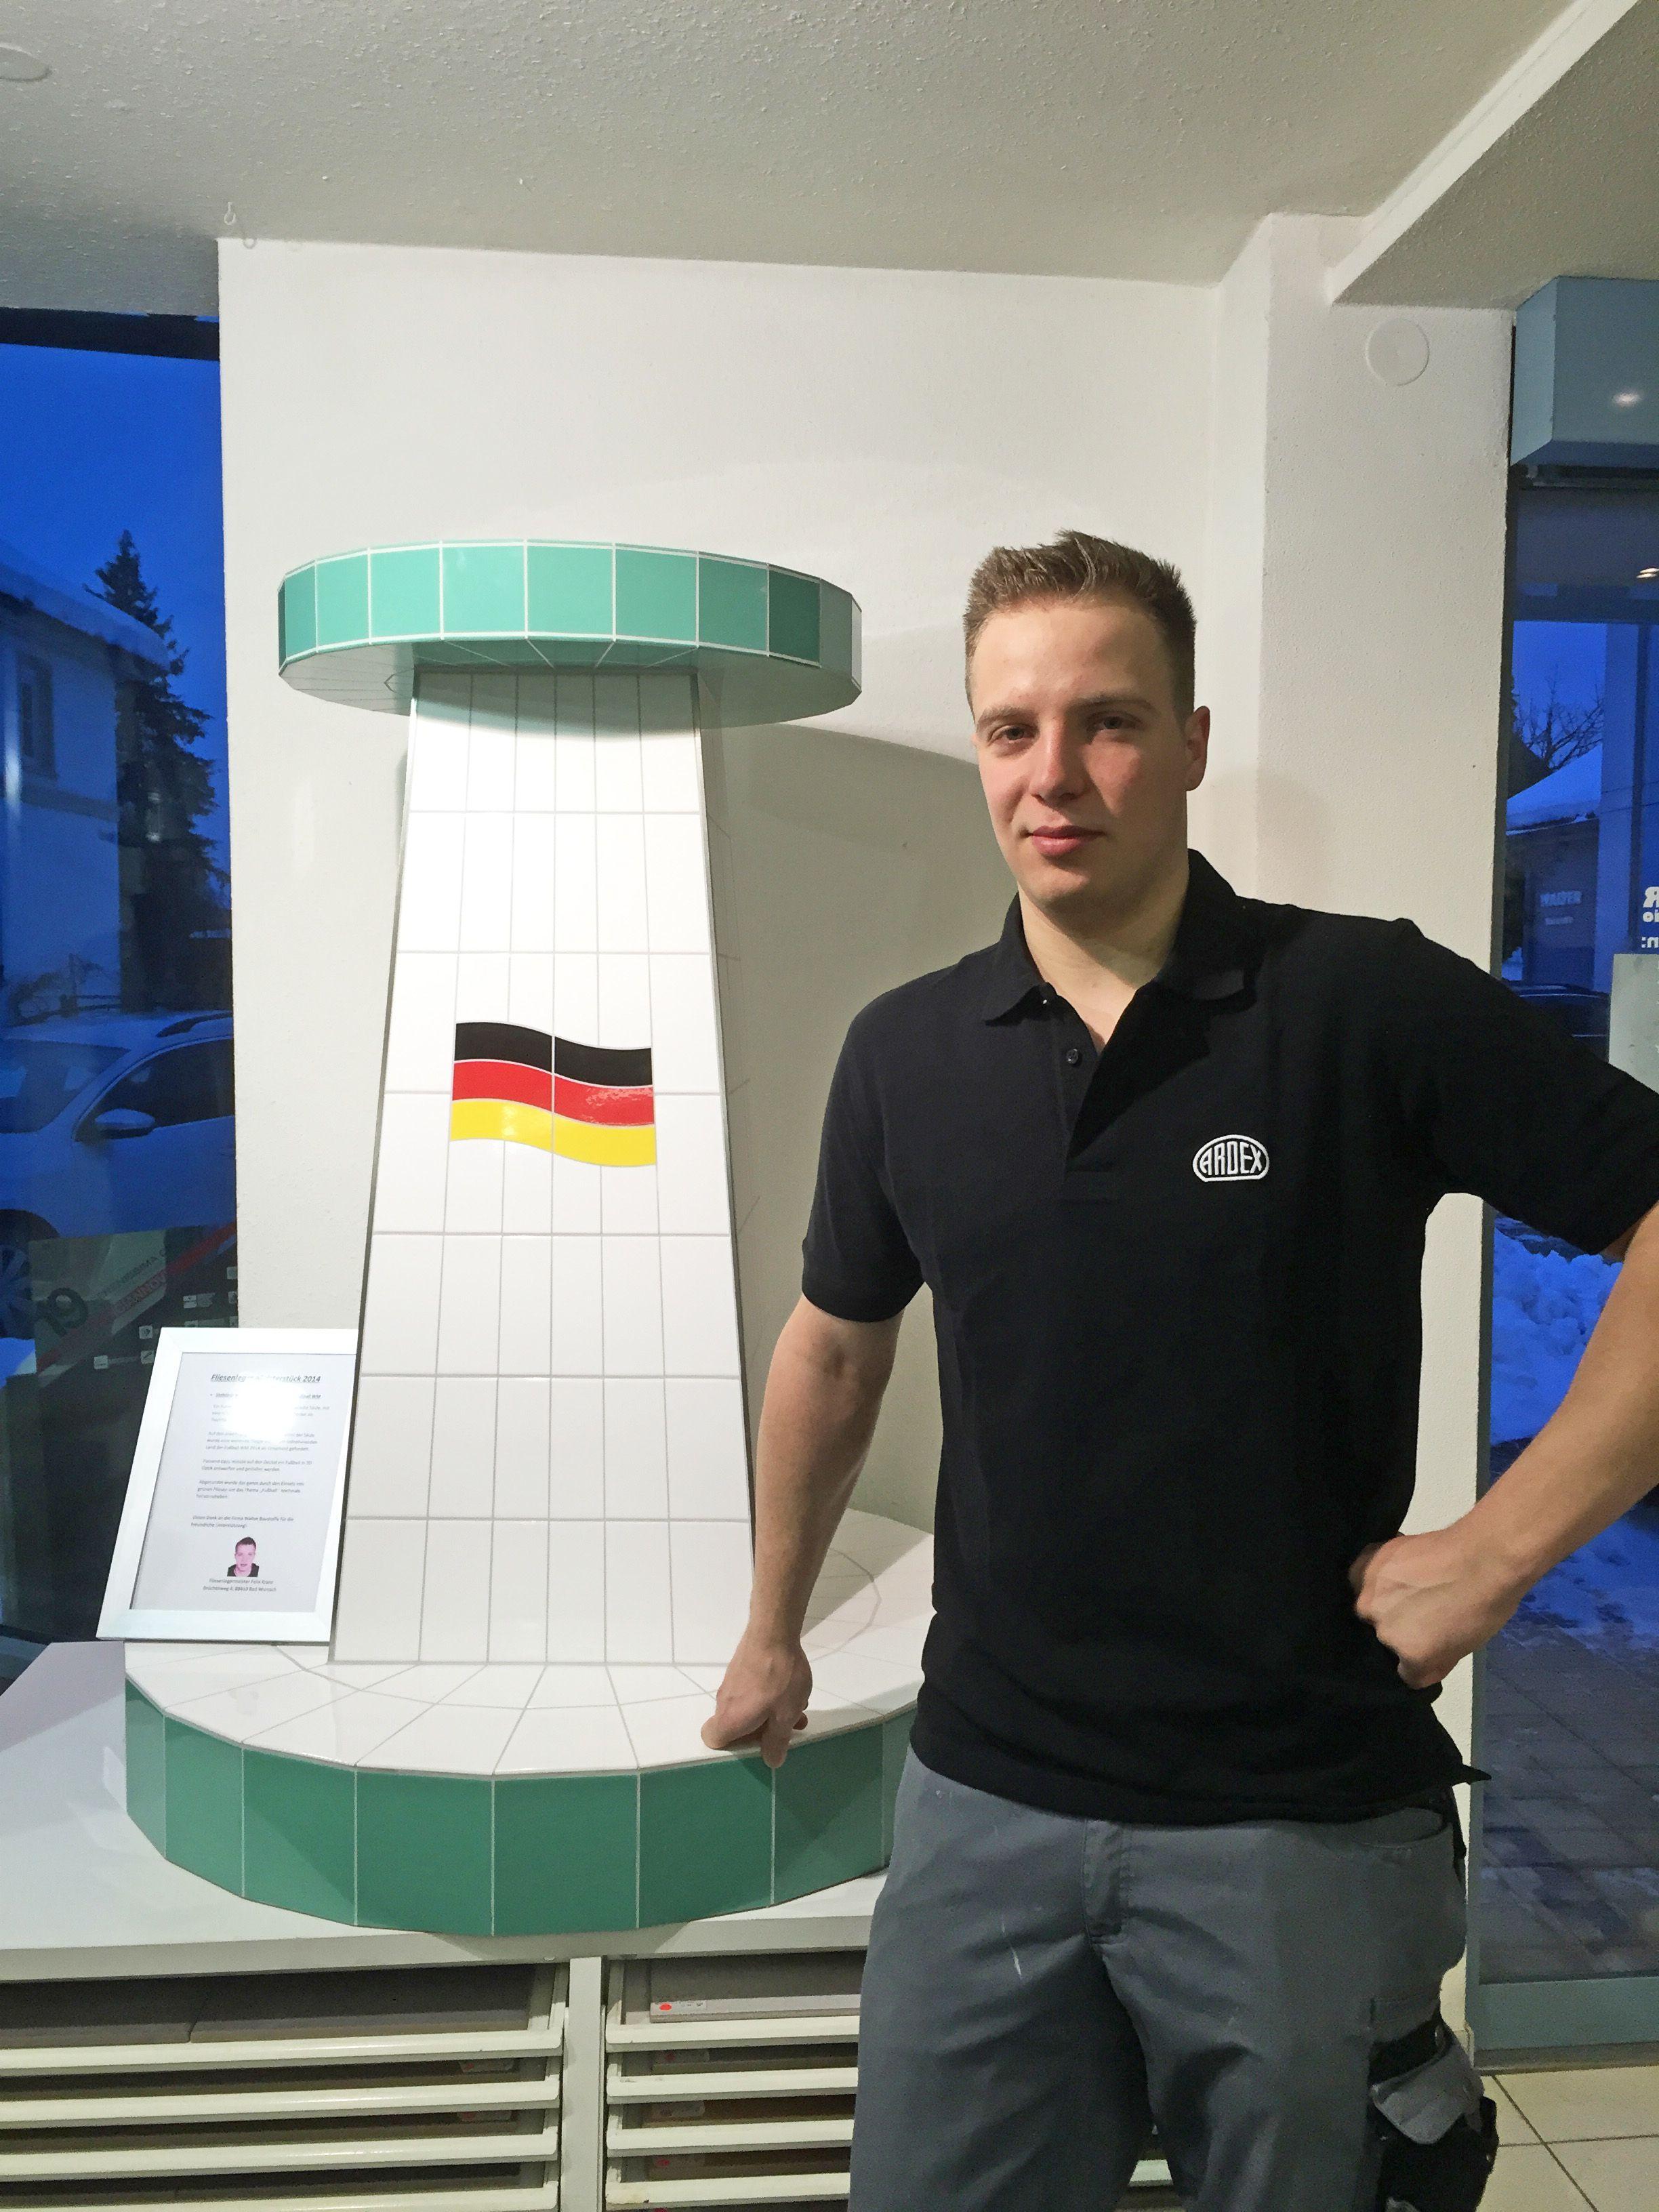 Rekordverd#xE4chtig: 22 Jahre und schon Fliesenlegermeister - mit einem Stehtisch im Fu#xDFball-Design und Ardex-Produkten